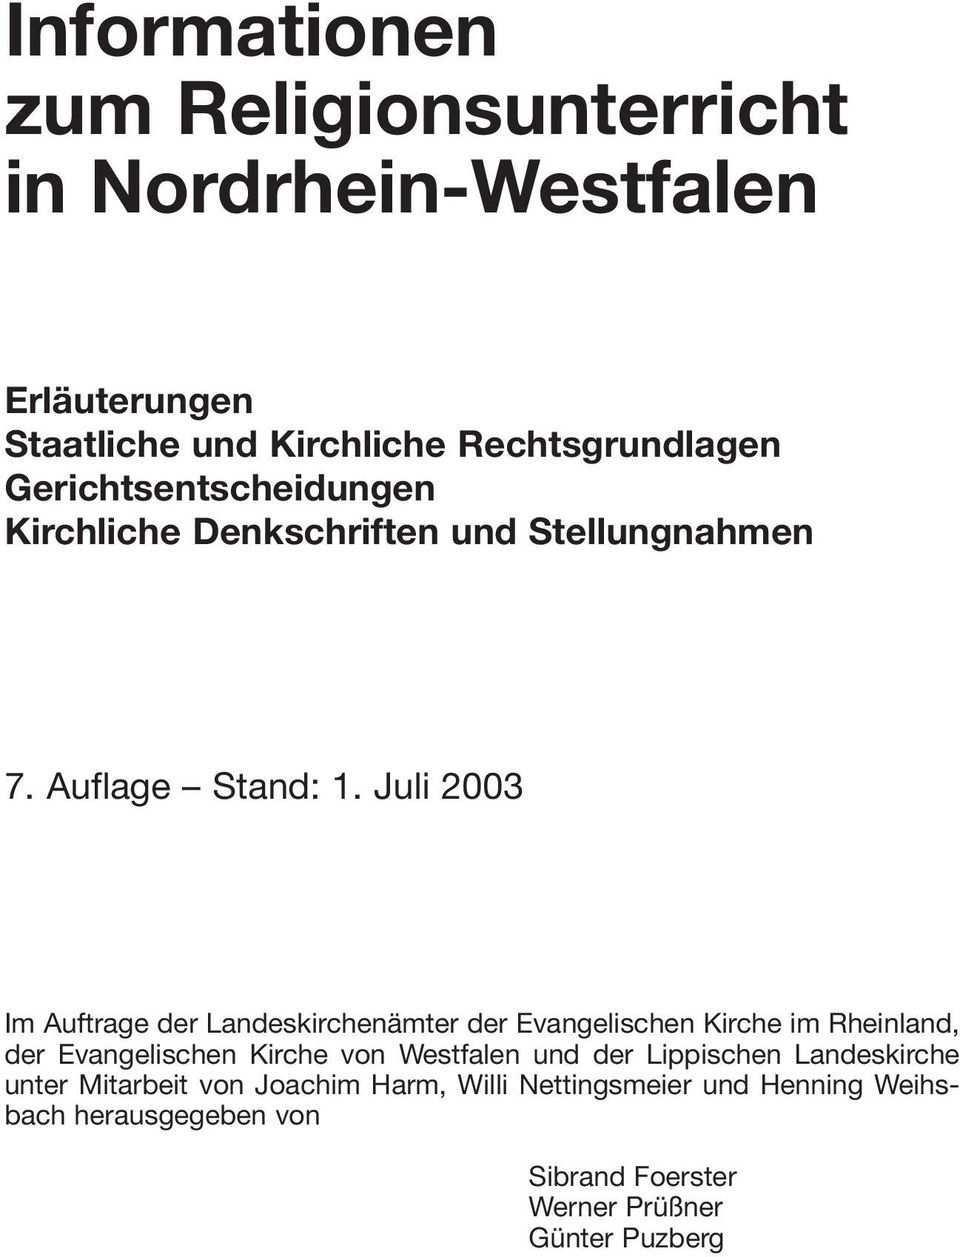 Informationen Zum Religionsunterricht In Nordrhein Westfalen Pdf Kostenfreier Download